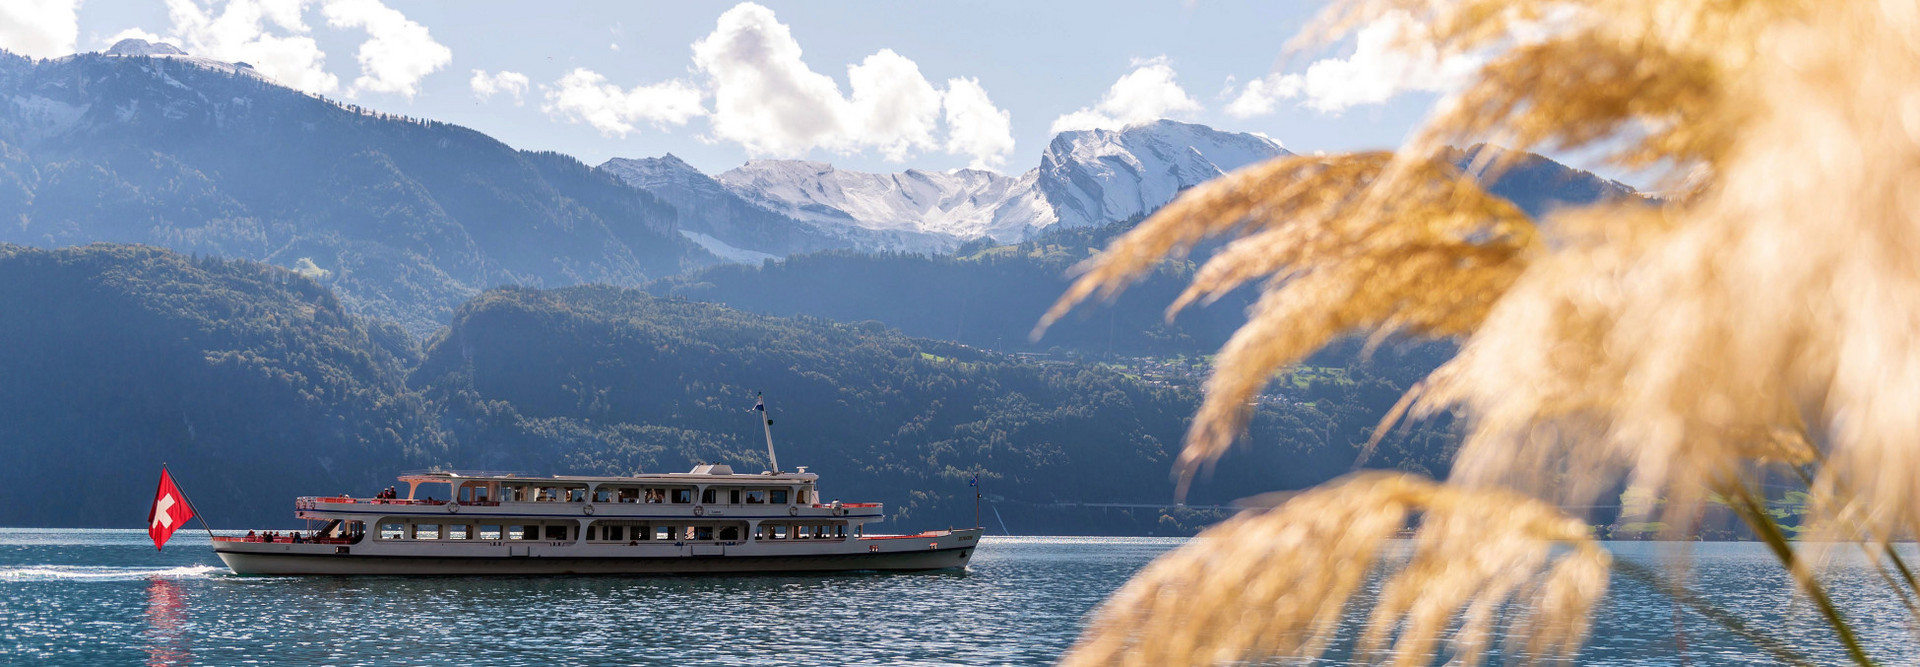 Motorschiff Europa fährt an einem Herbsttag an frisch verschneiten Bergen vorbei.